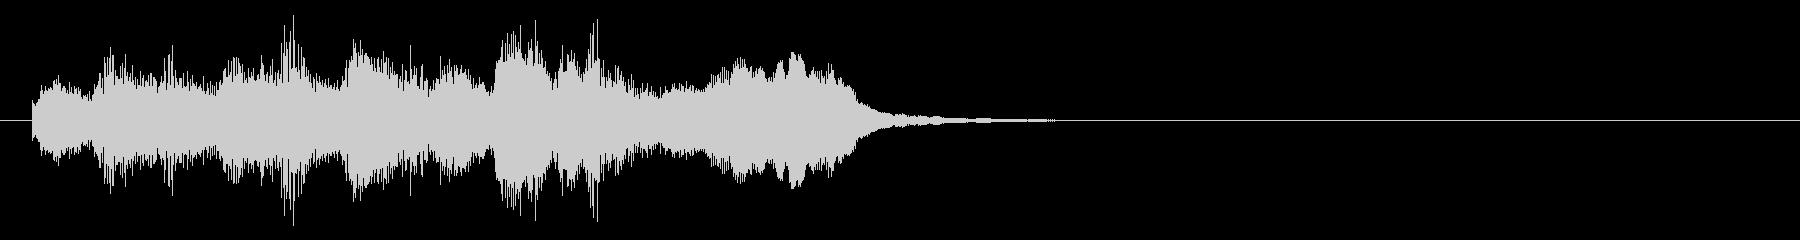 のほほんジングル011_かっこいい+3の未再生の波形